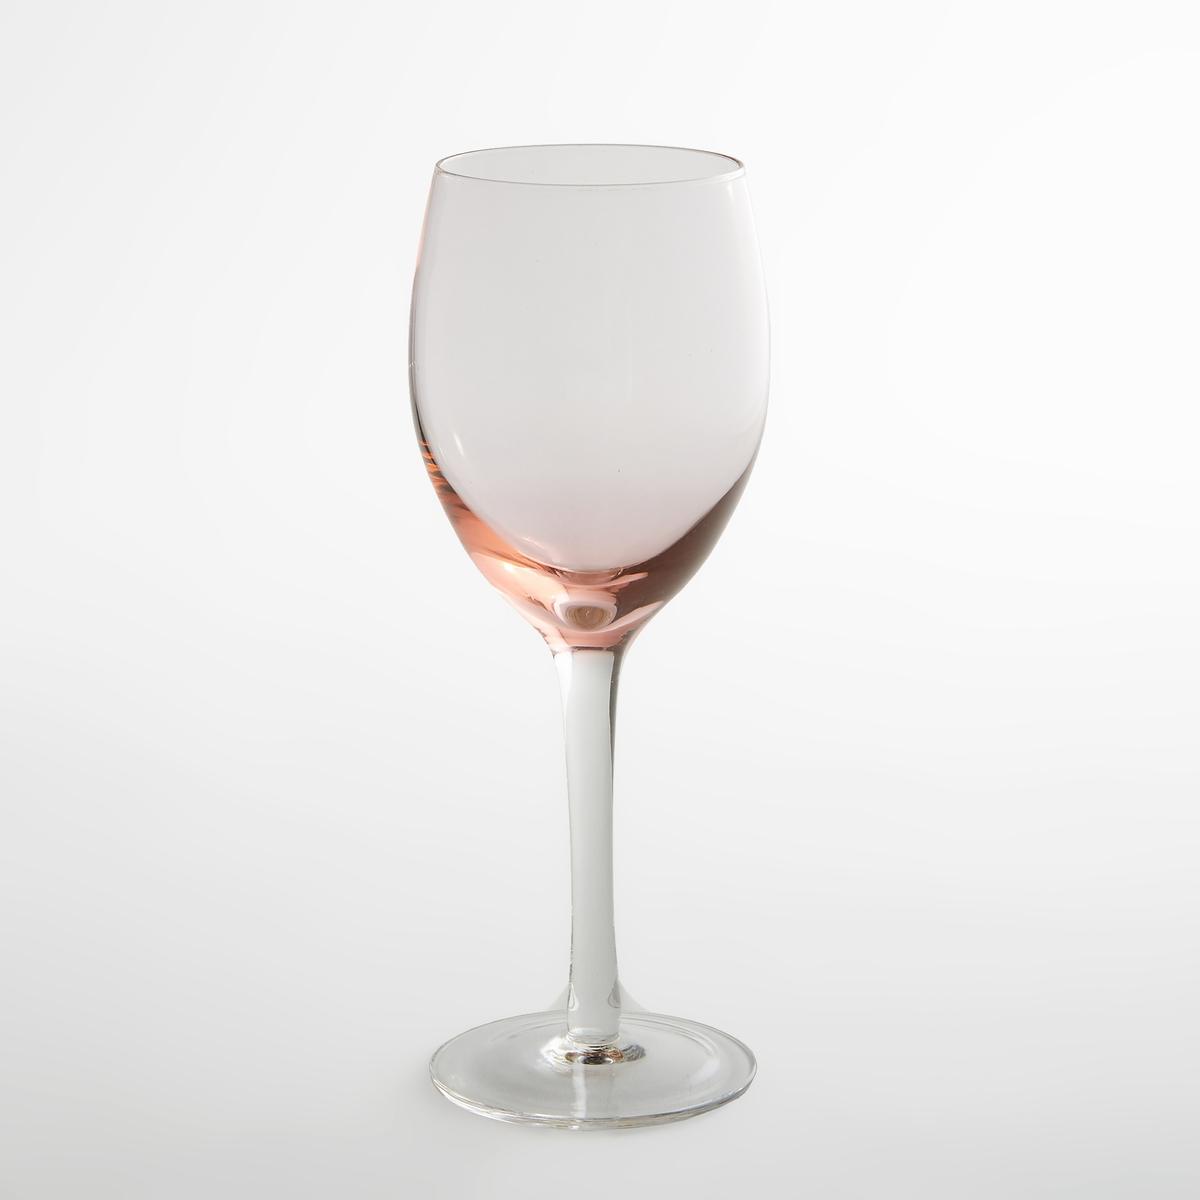 4 бокала для винаХарактеристики 4 бокалов :- Бокалы для вина из прозрачного стекла с розовым затемнением снизу  Подходят для использования в посудомоечной машинеПродаются комплектом из 4 шт Размеры :Диаметр : 6,6 смВысота : 20 см<br><br>Цвет: дымчато-розовый